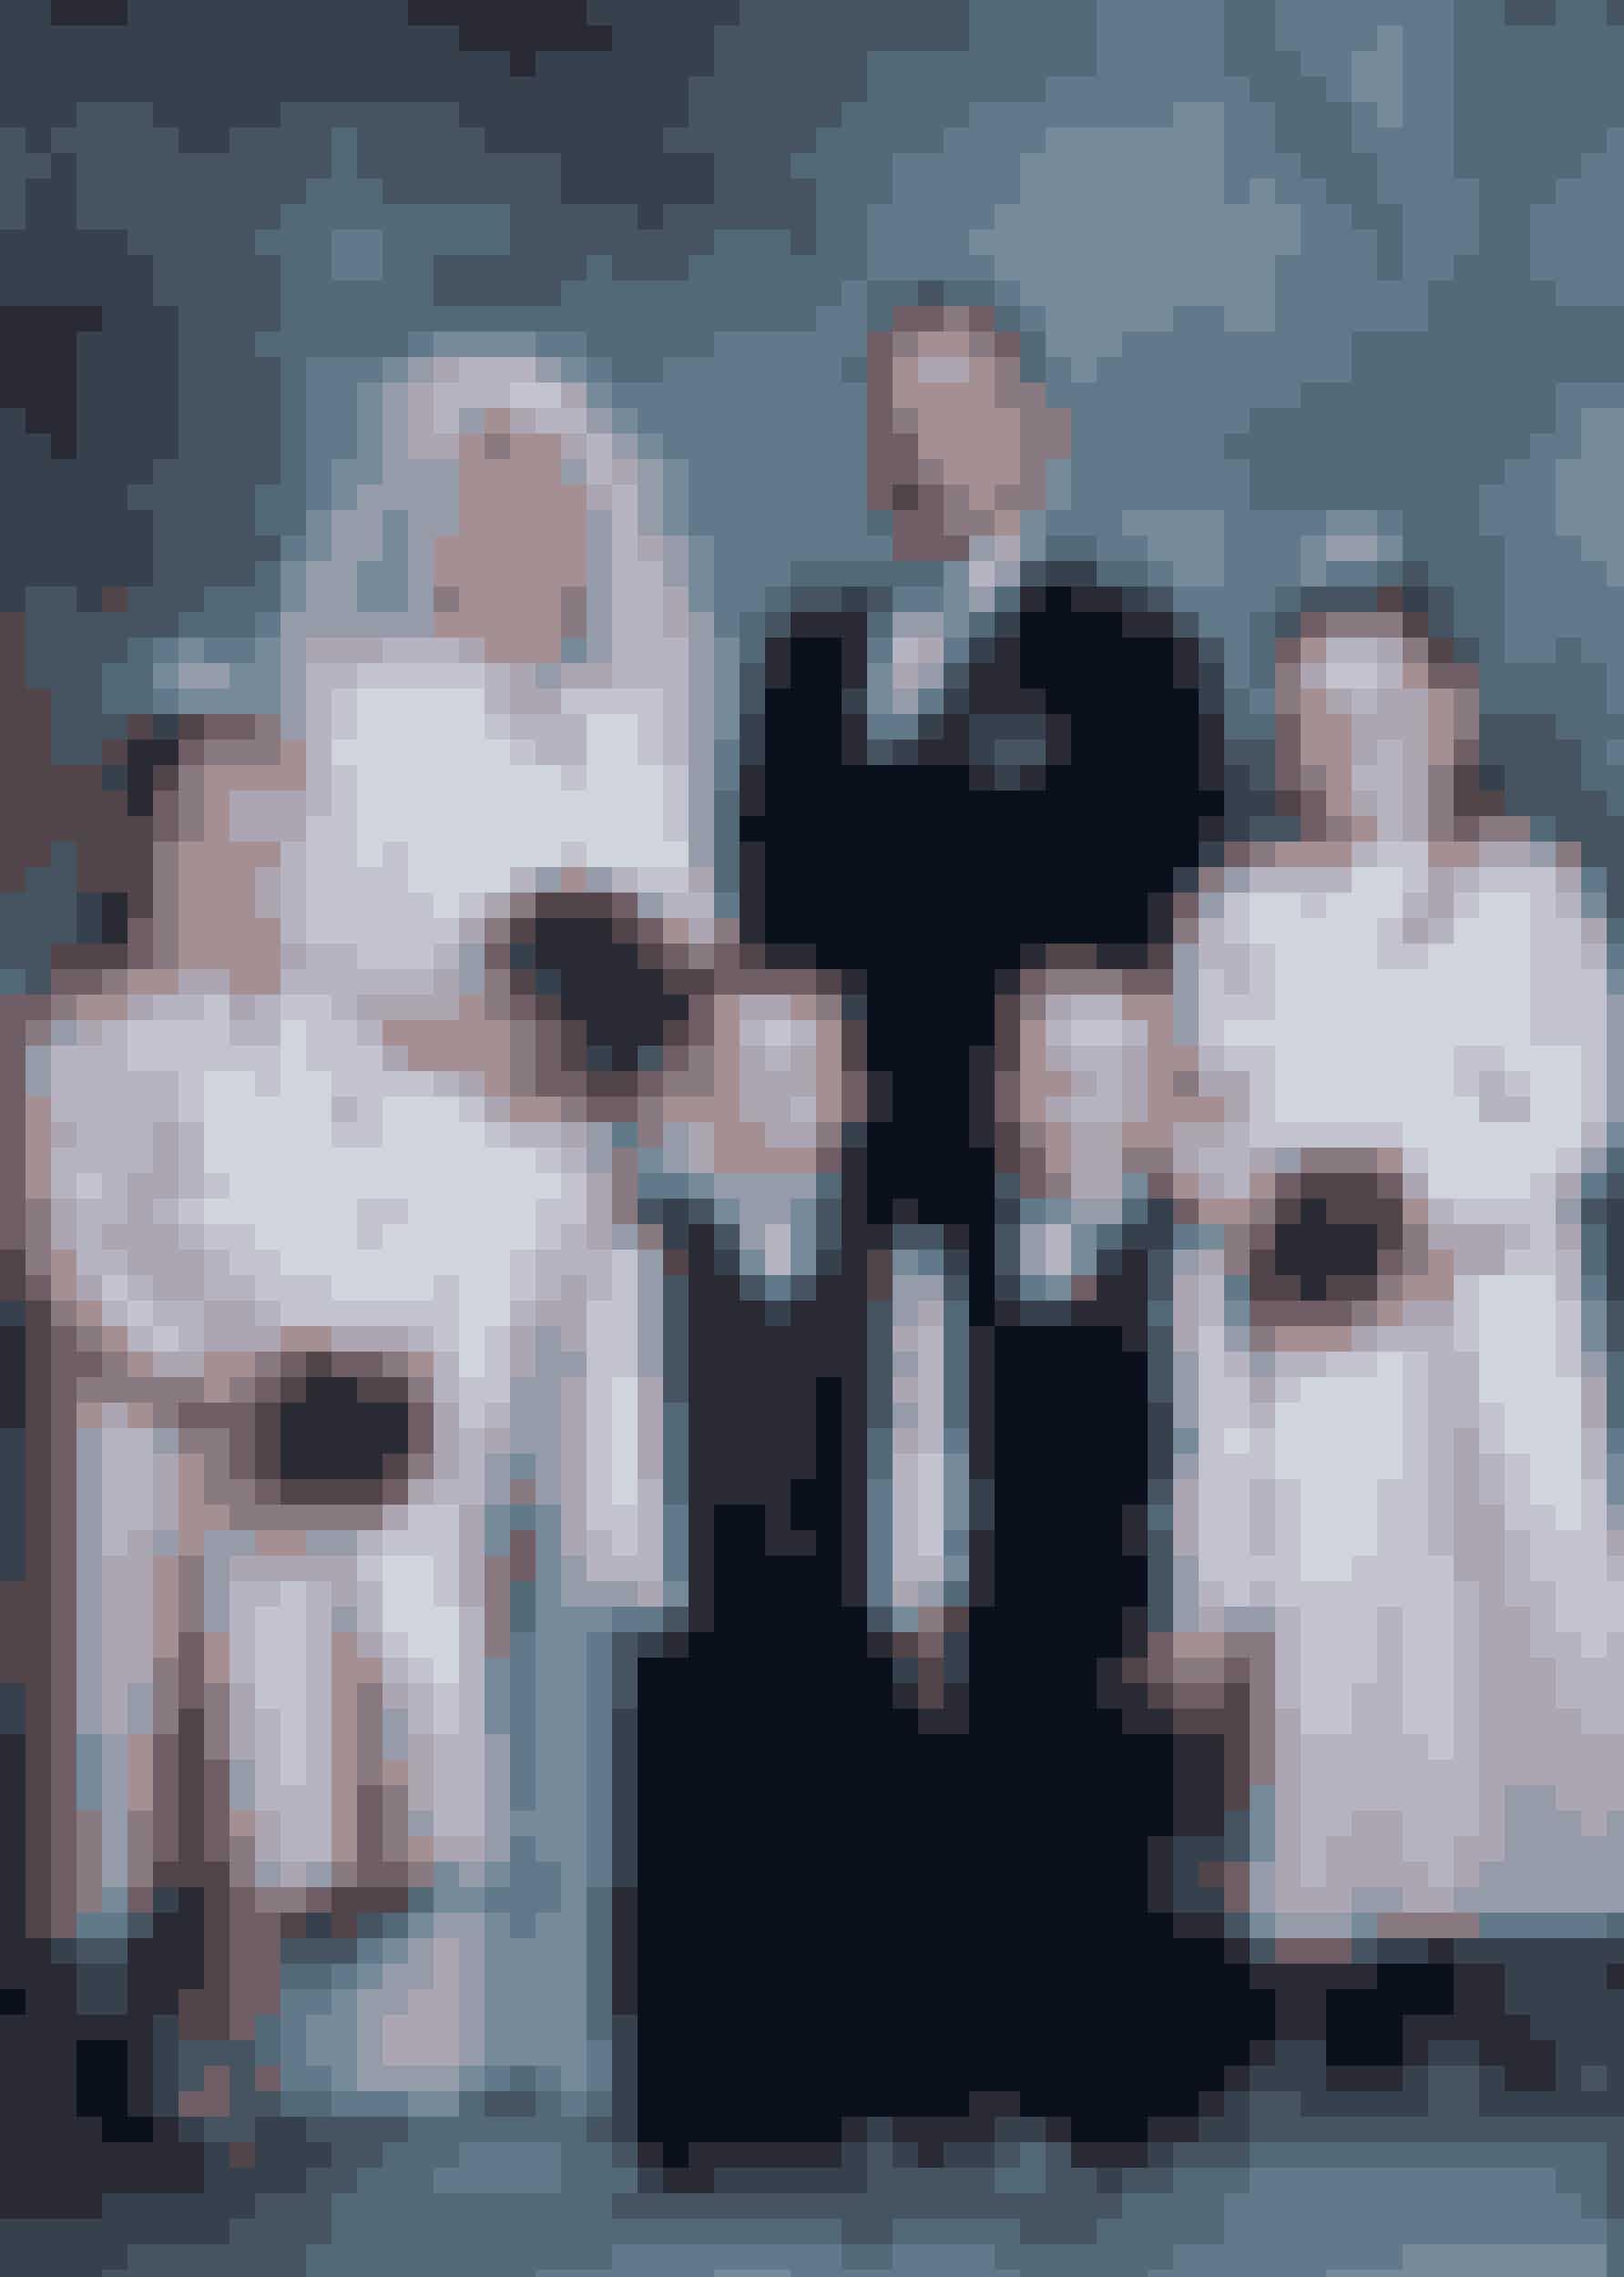 Lykken var fuldendt, da Laila og Michael blev gift i april 2003 med børnene som søde brudepiger og -svende. Fem måneder senere var Michael død.